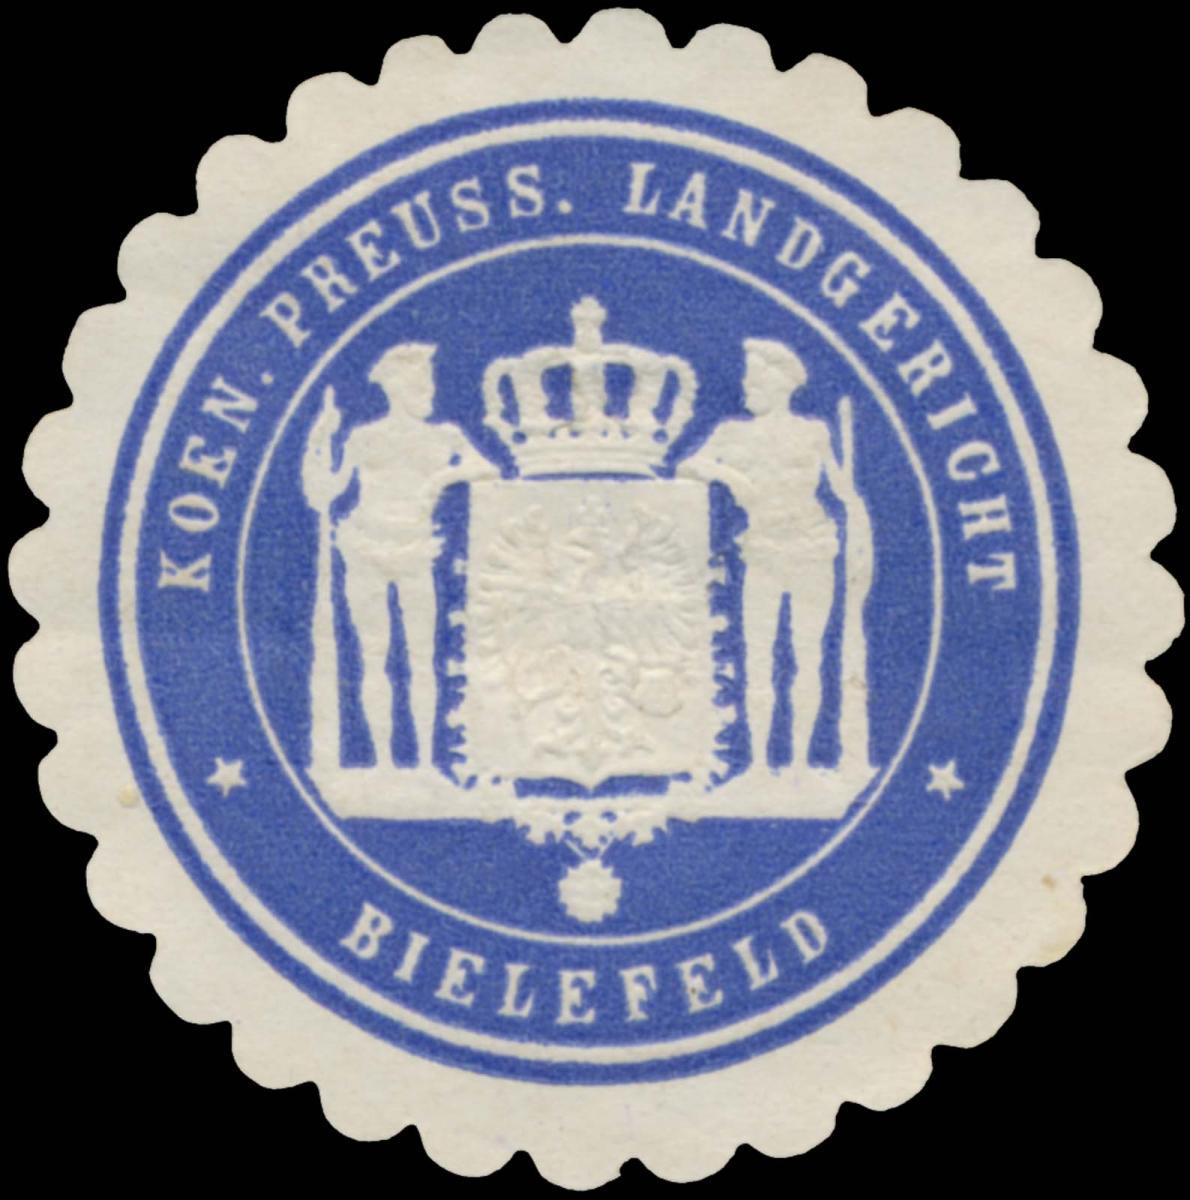 K.Pr. Landgericht Bielefeld